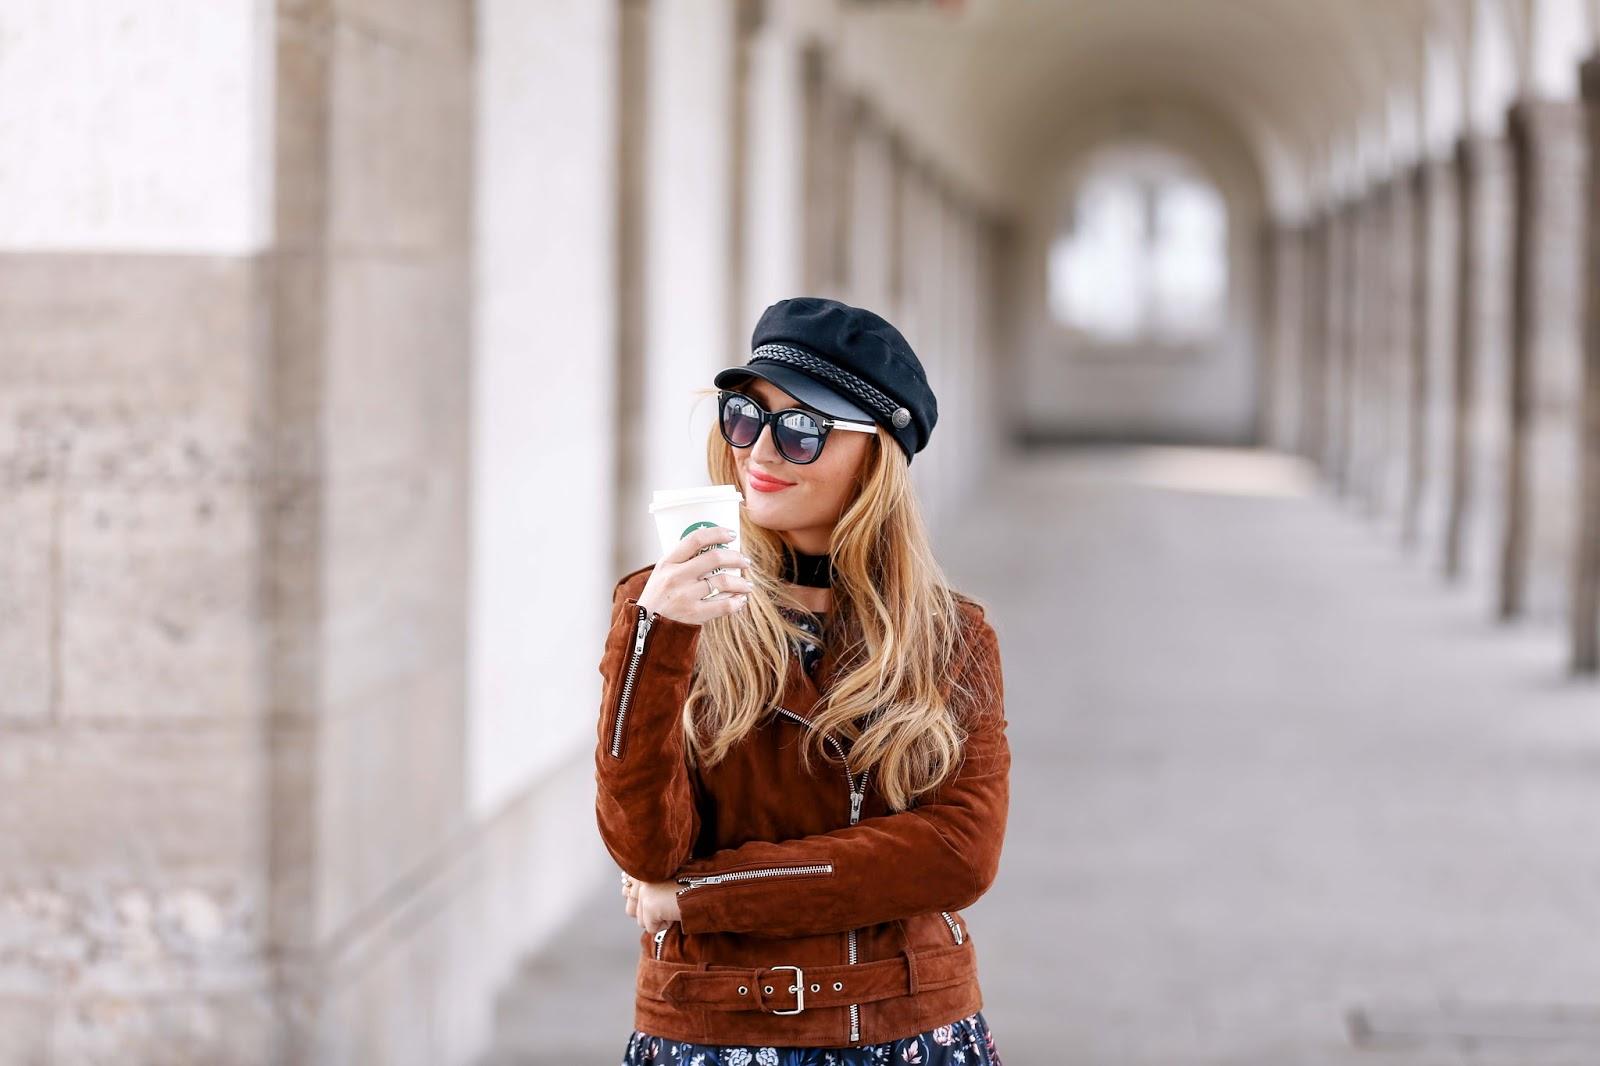 conleys-lederjacke-Fashionstylebyjohanna-ivyrevel-H&M-Schiffermütze-blogger-mit-schiffermütze-fashionstylebyjohanna-fashionblogger-braune-wildlederjacke-braune-lederjacke-blogger-mit-brauner-jacke